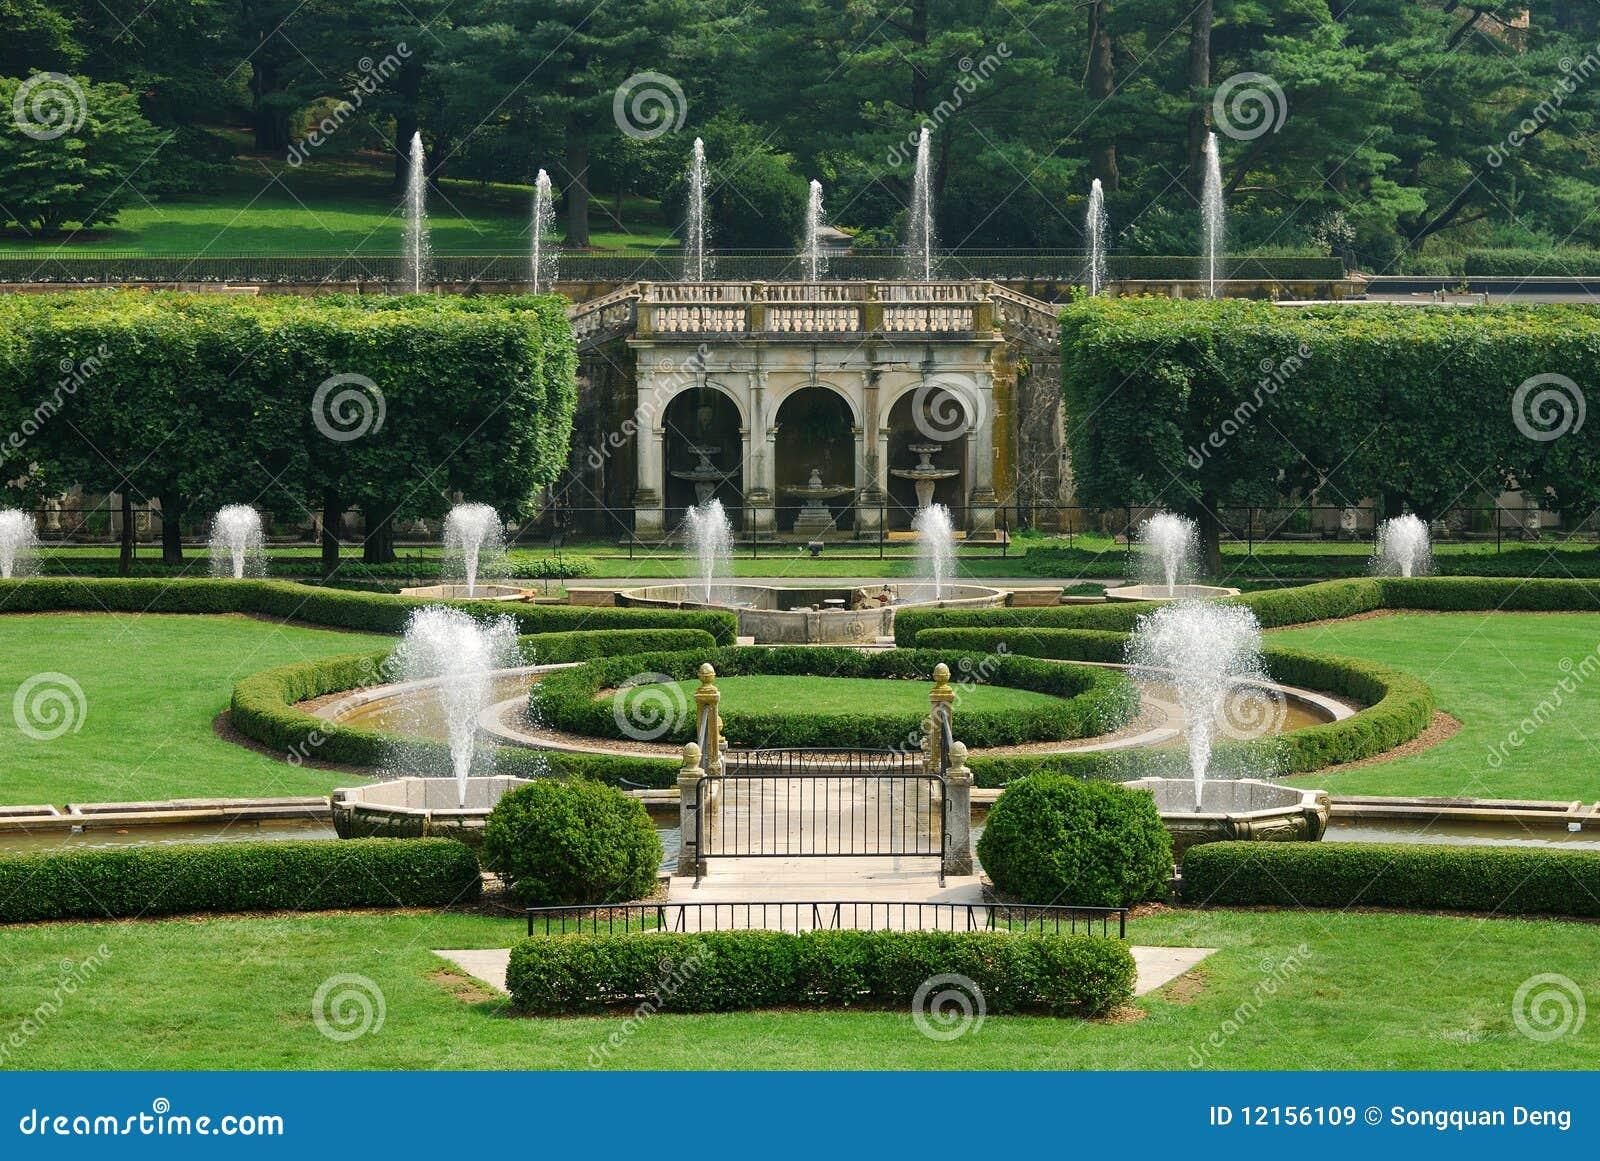 Giardino con le fontane immagine stock editoriale - Giardini con fontane ...